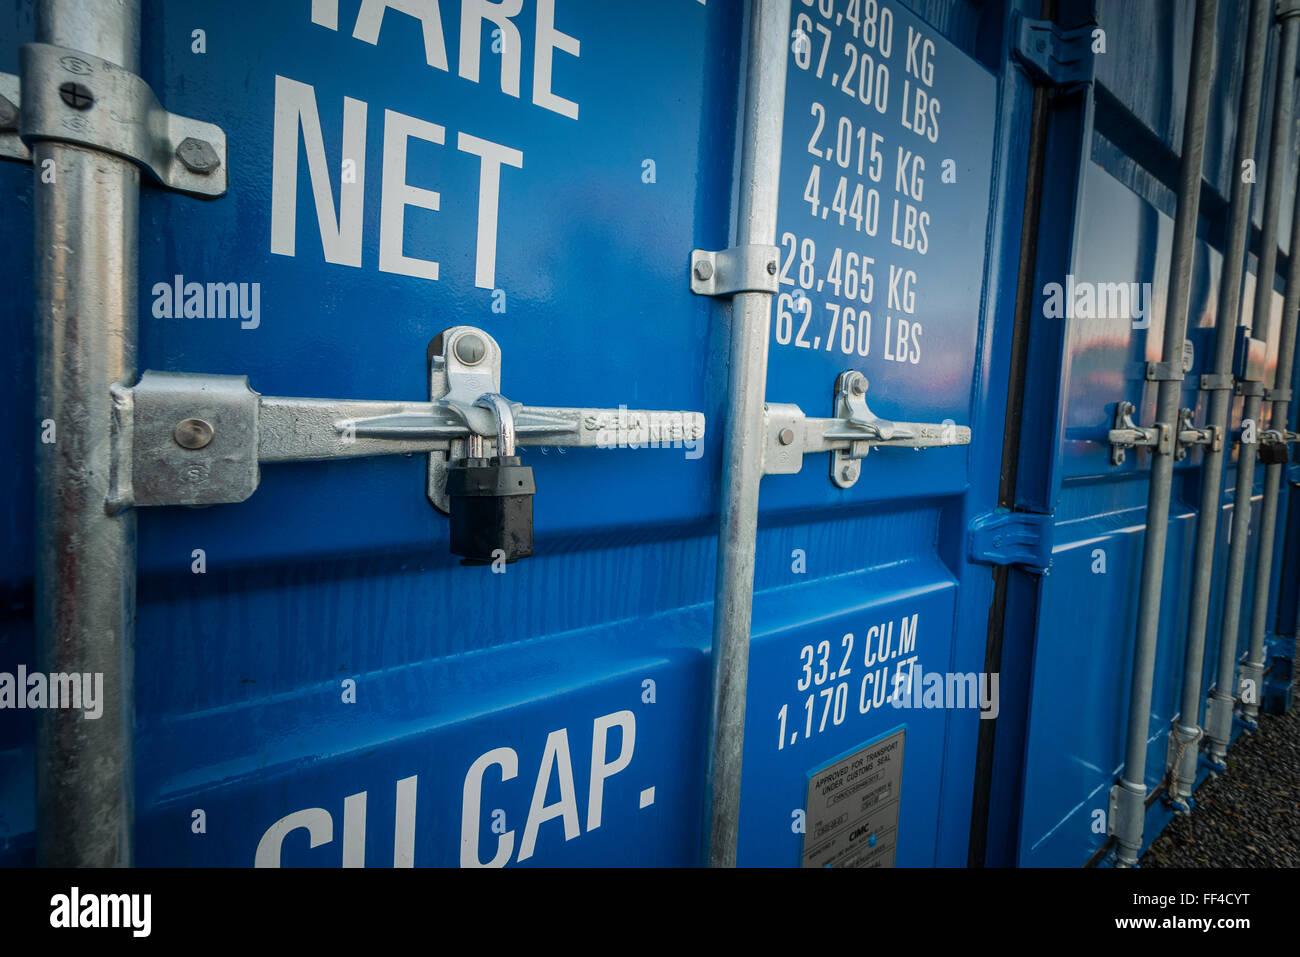 Eine Reihe von blauen selbst Shipping Container in einer sicheren Verbindung Stockbild